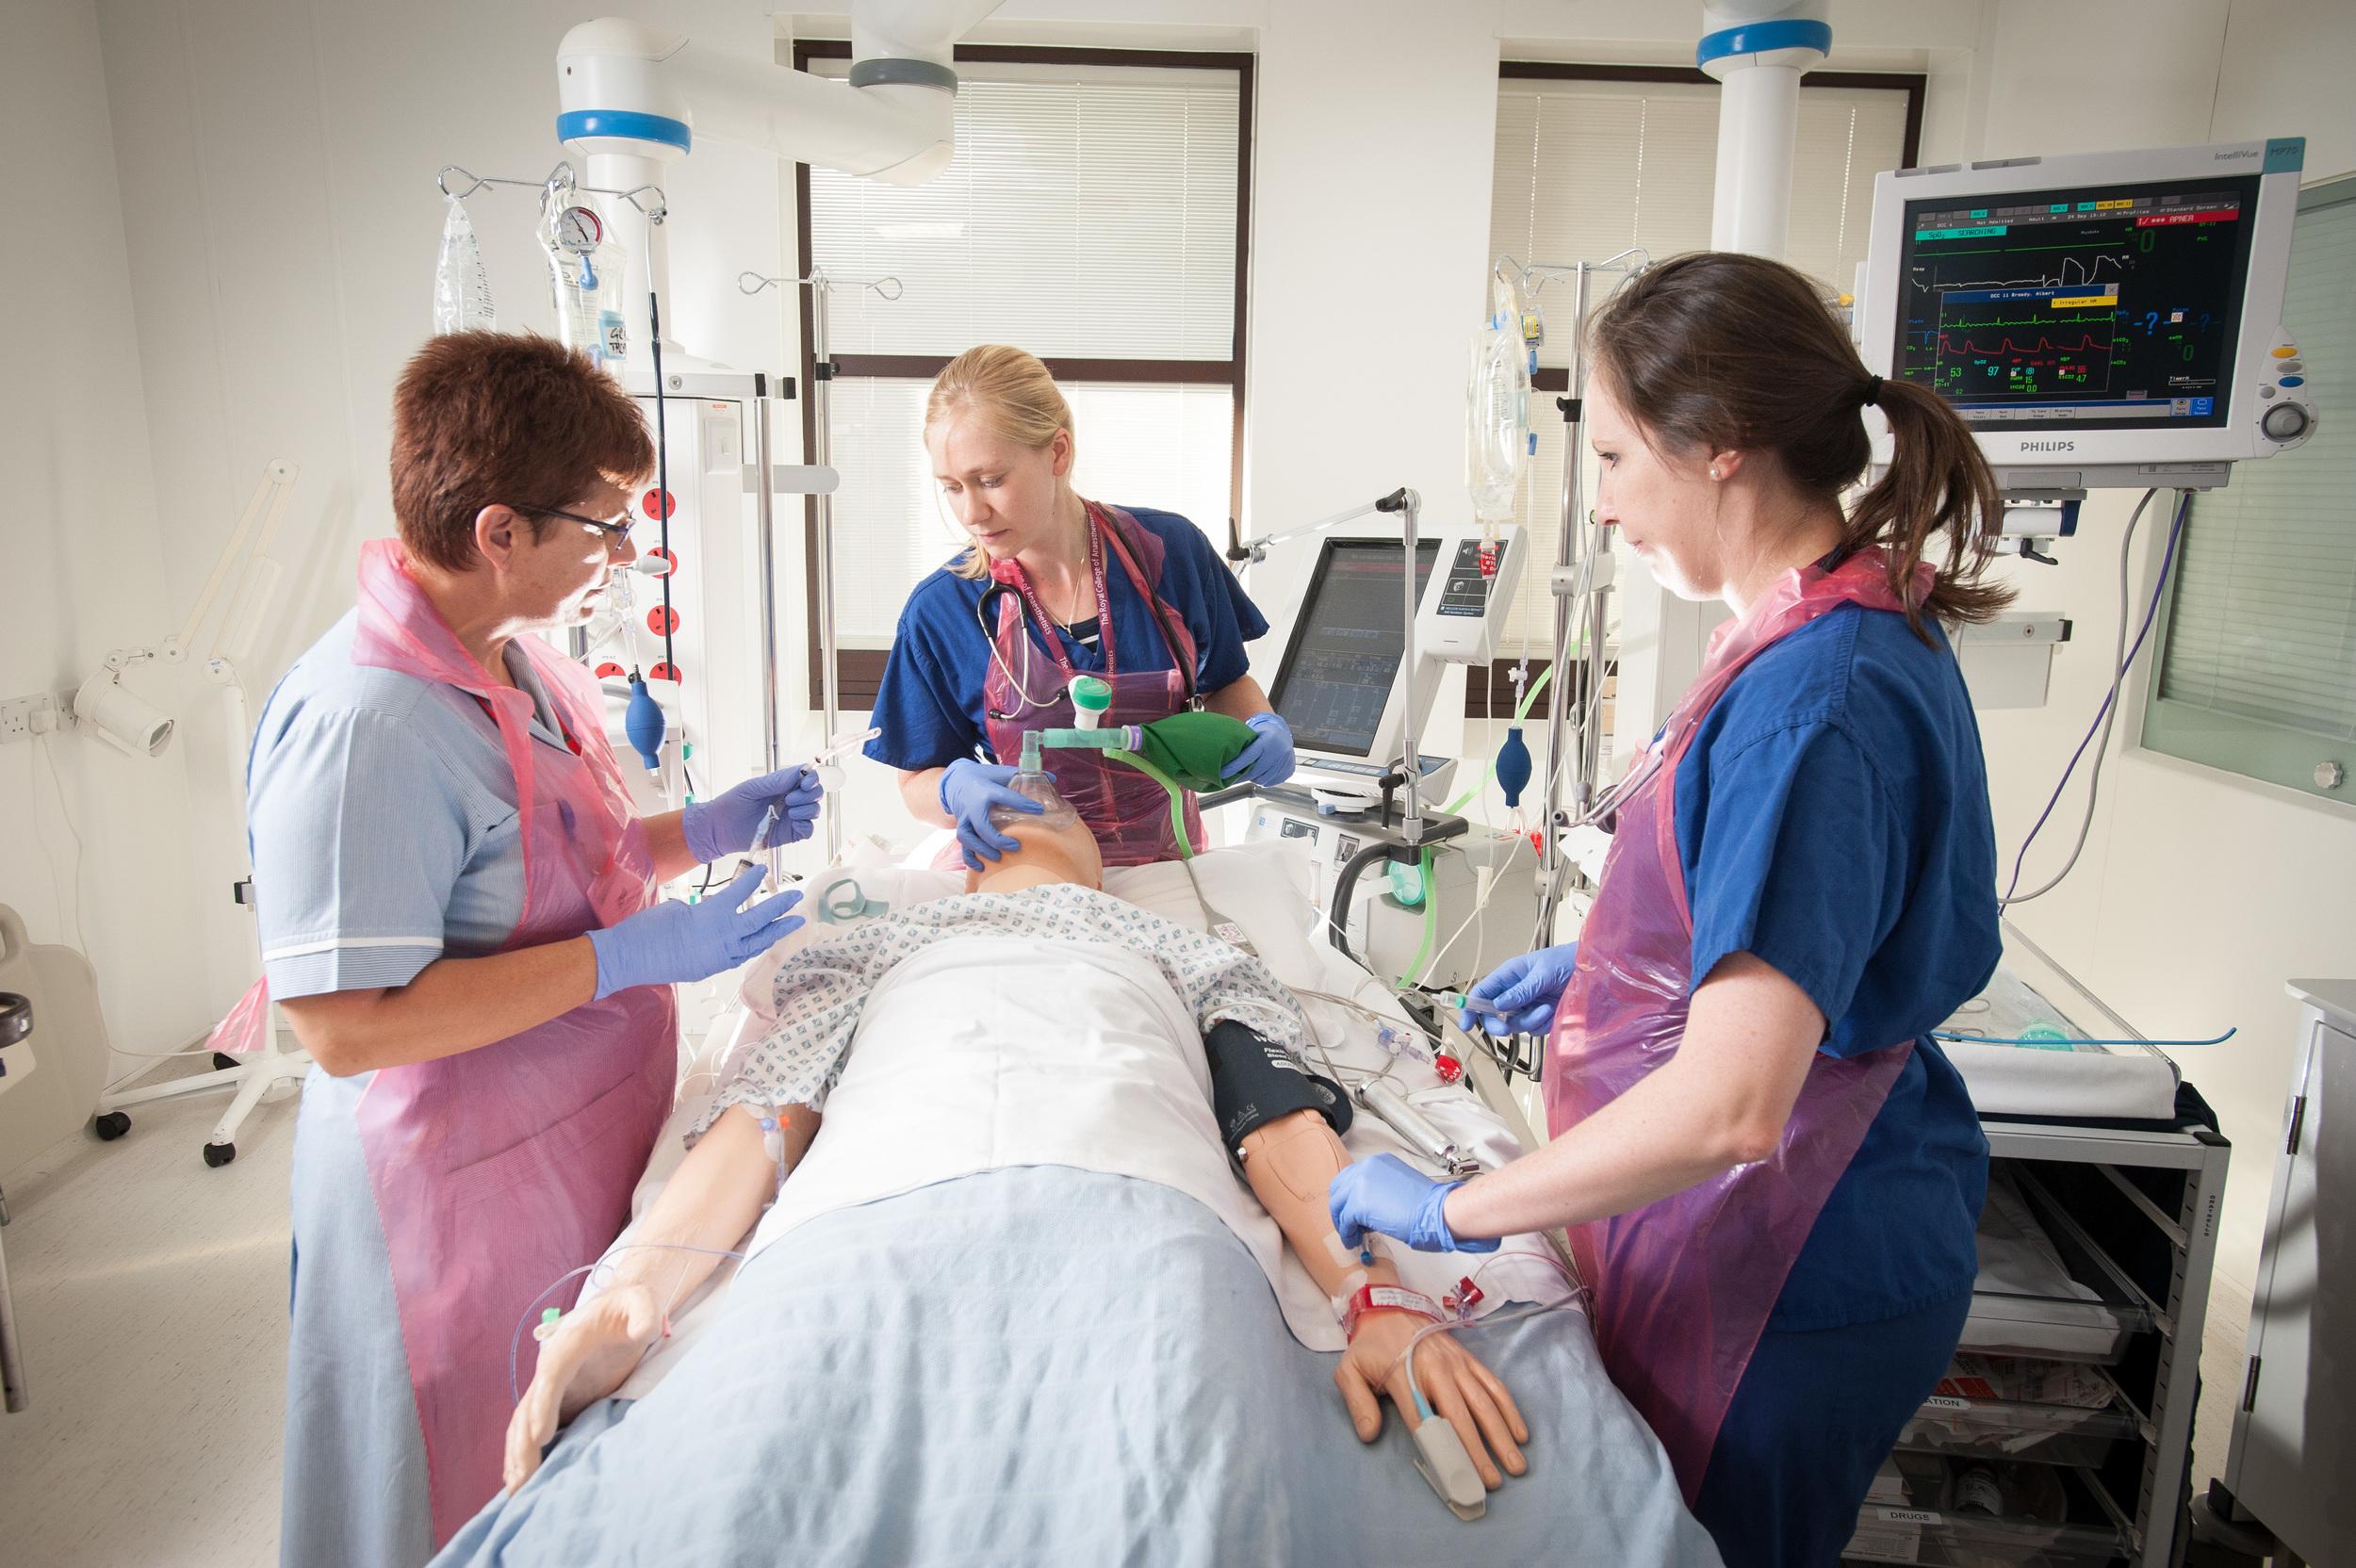 criticalcare-0351.jpg